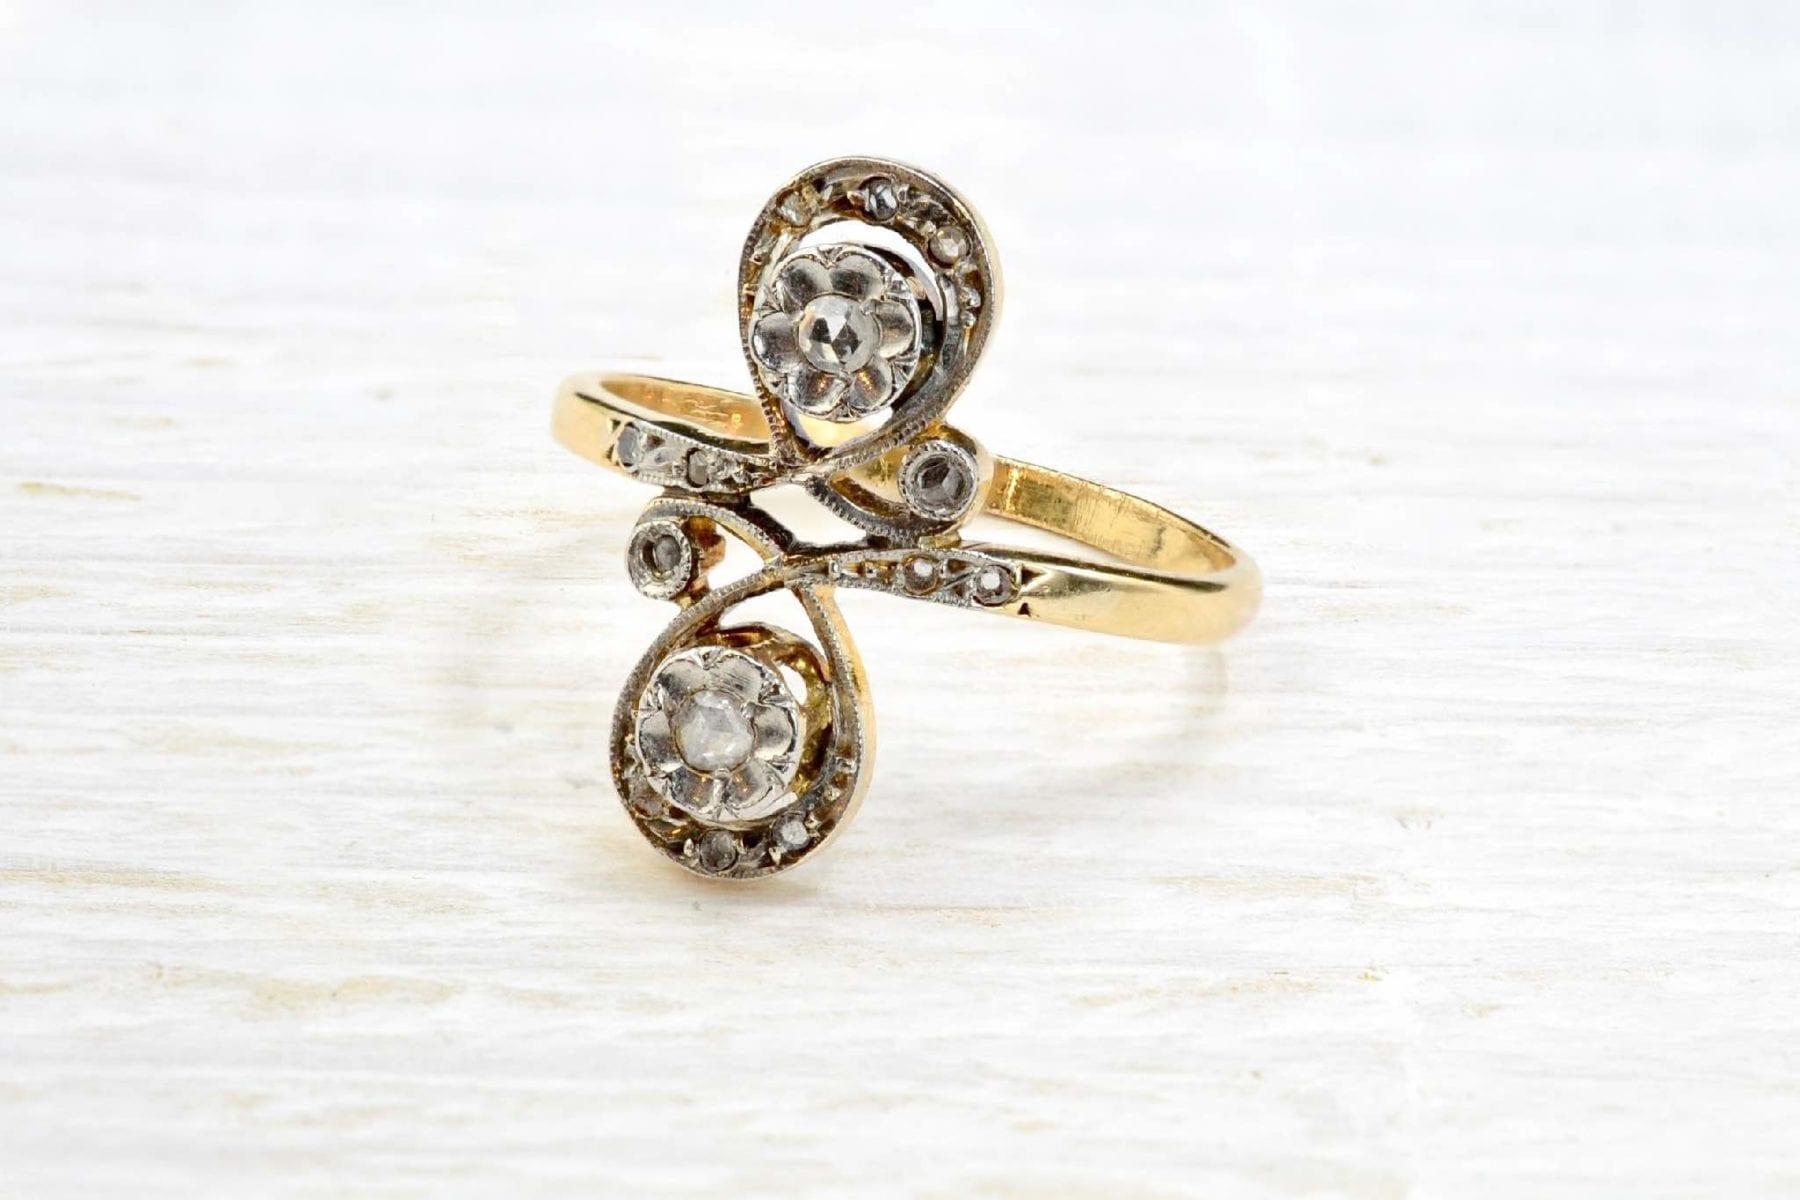 bague 1900 toi et moi or jaune 18k et diamants